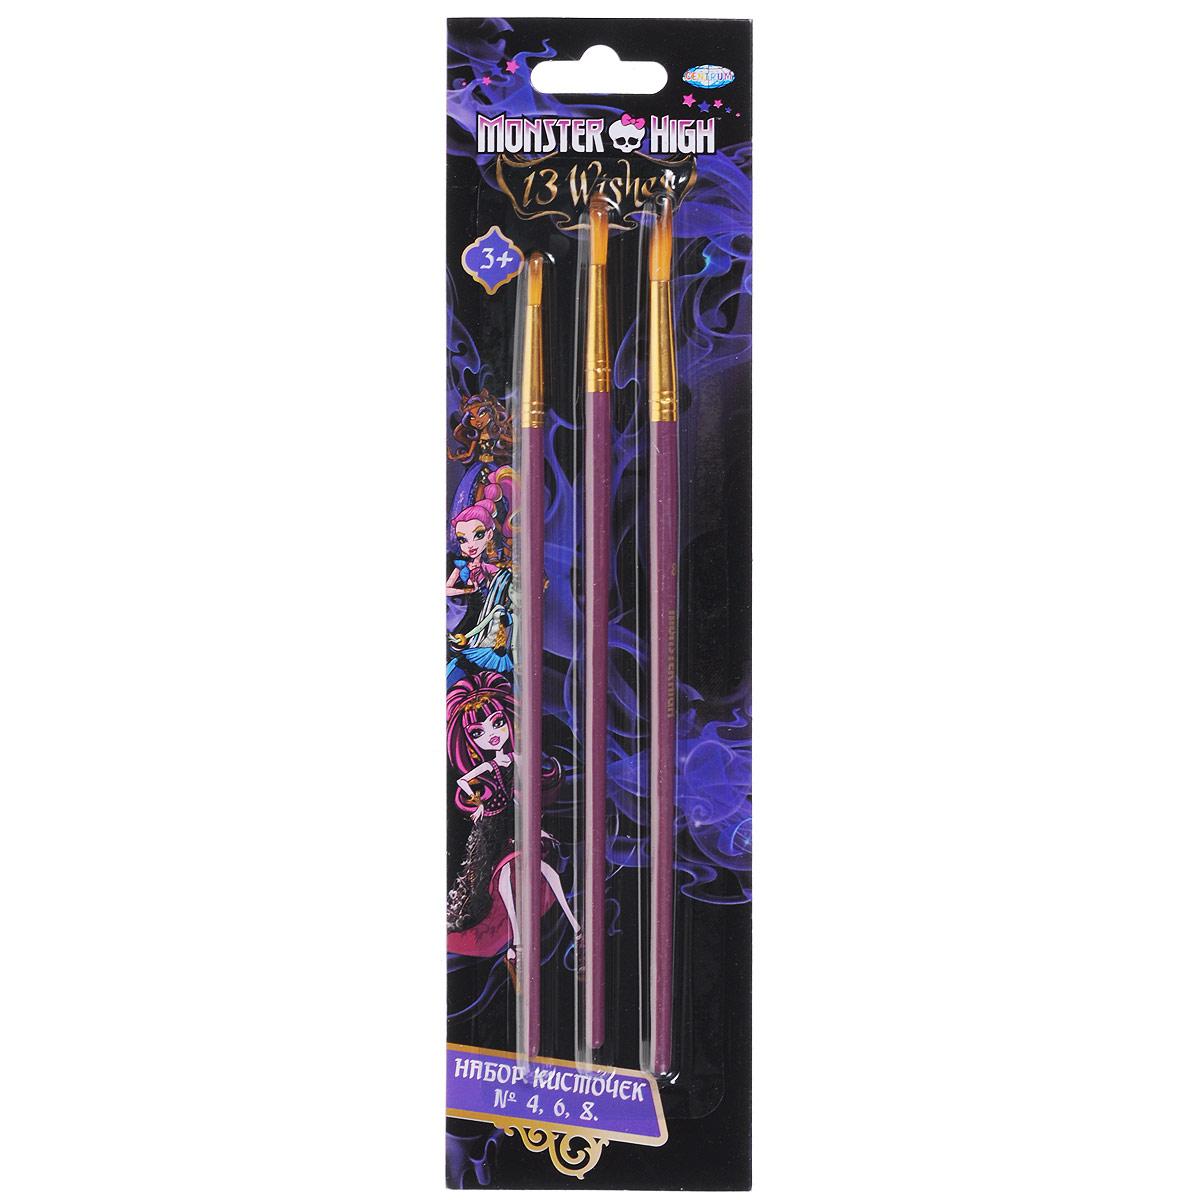 Monster High Набор круглых кистей №4, 6, 8 (3 шт)85040Кисти из набора Monster High идеально подойдут для художественных и декоративно-оформительских работ. Они предназначены для работы с различными видами красок. Кисти выполнены из нейлона. В отличие от натурального волокна, у данных кисточек ворс прочнее, не лезет, не ершится. Материал ручки - дерево. В набор входят три круглых кисти: №4, №6, №8.